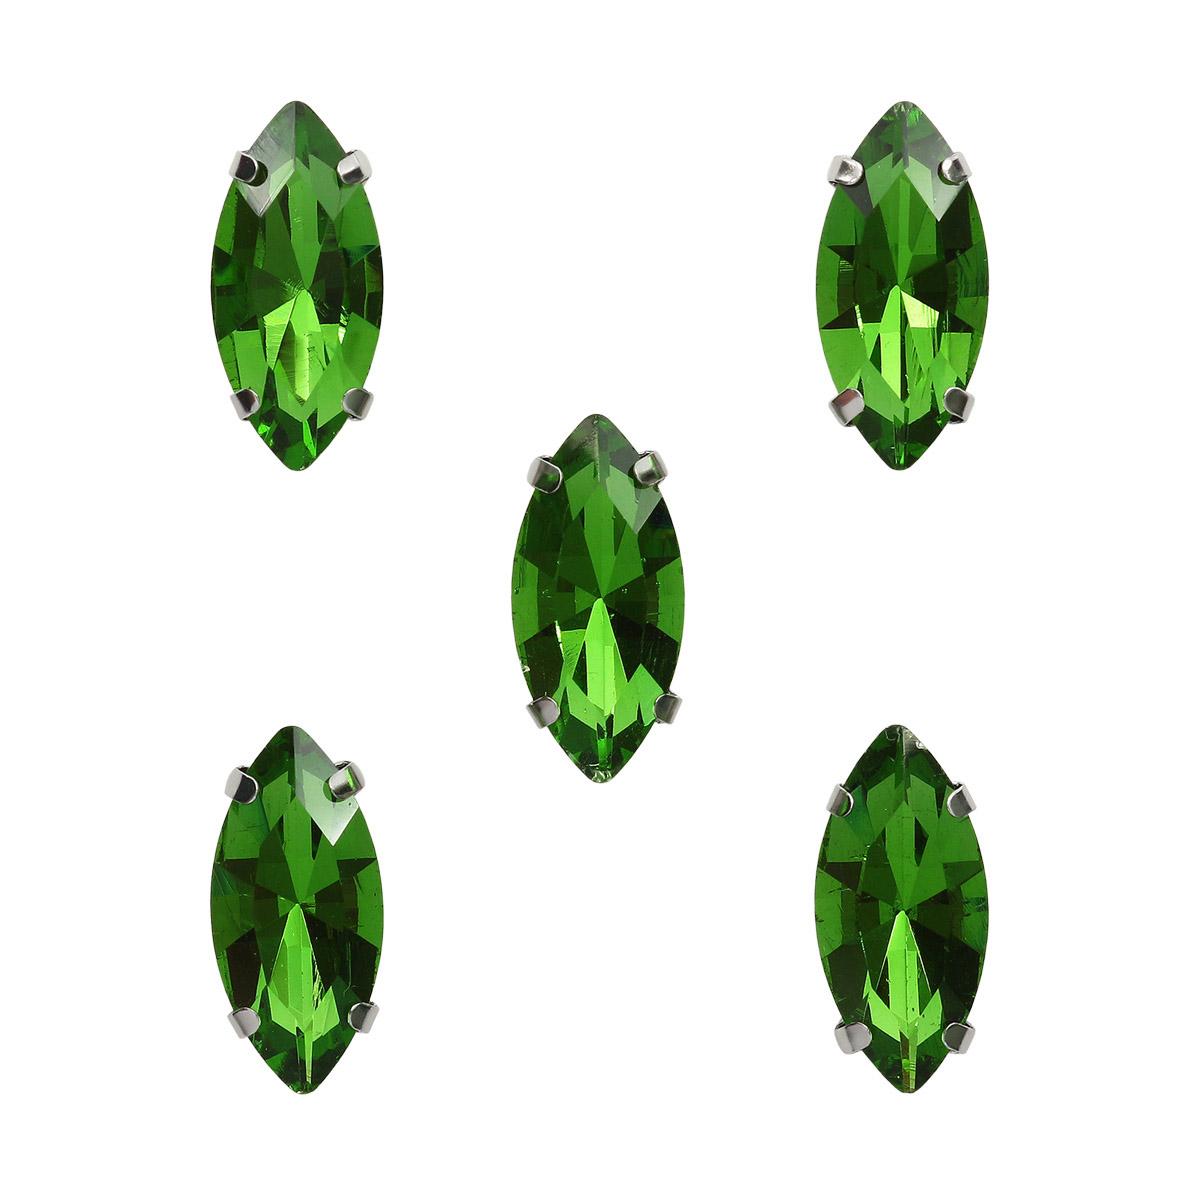 МЦ007НН715 Хрустальные стразы в цапах формы 'миндаль', зеленый 7х15 мм, 5 шт.